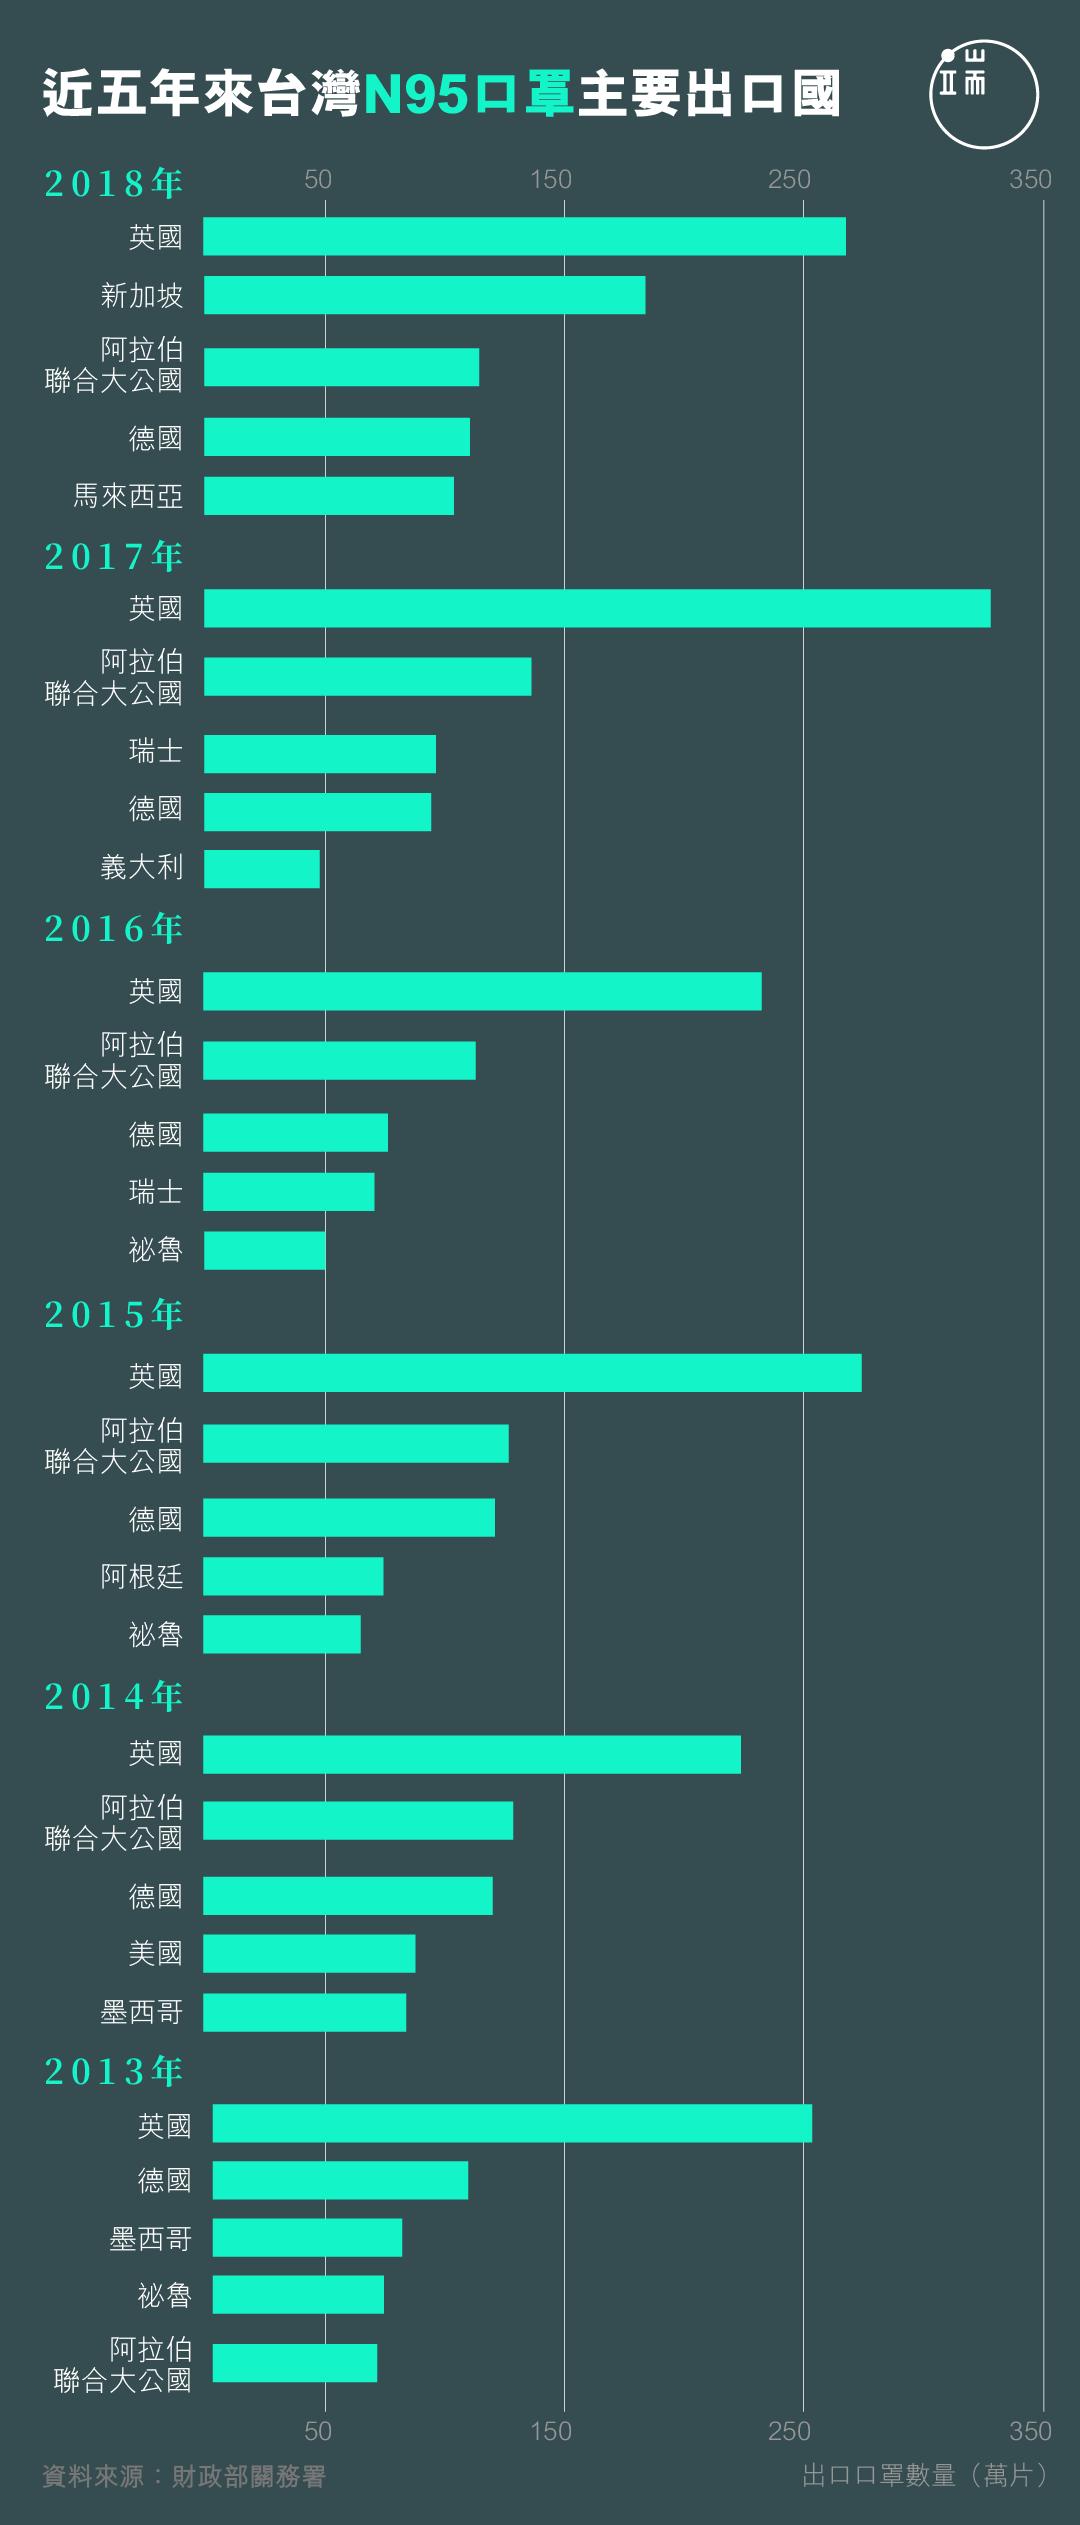 近五年來台灣N95口罩前五名出口國。